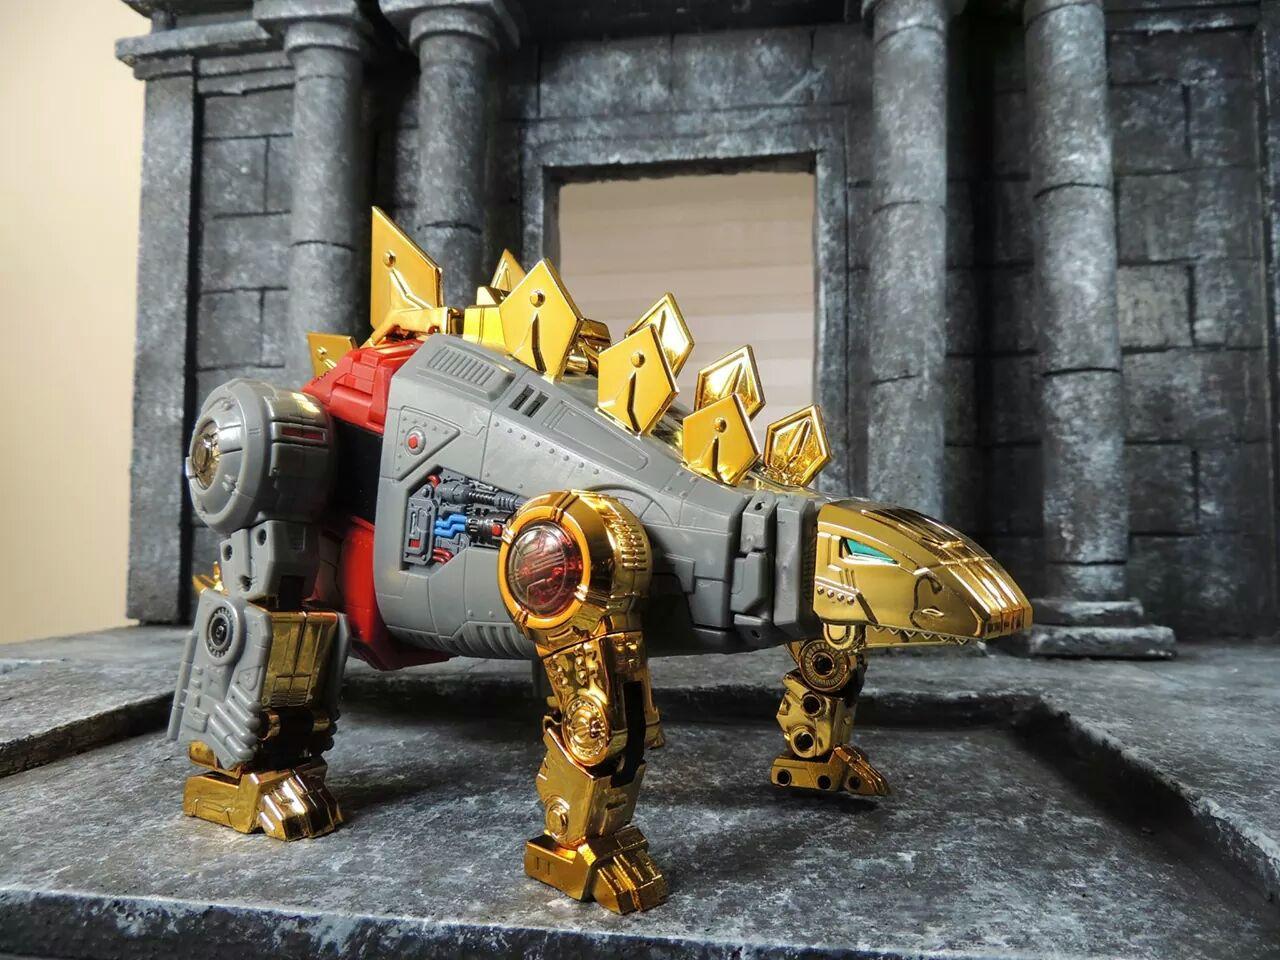 [Fanstoys] Produit Tiers - Dinobots - FT-04 Scoria, FT-05 Soar, FT-06 Sever, FT-07 Stomp, FT-08 Grinder - Page 4 UbrUL9mi